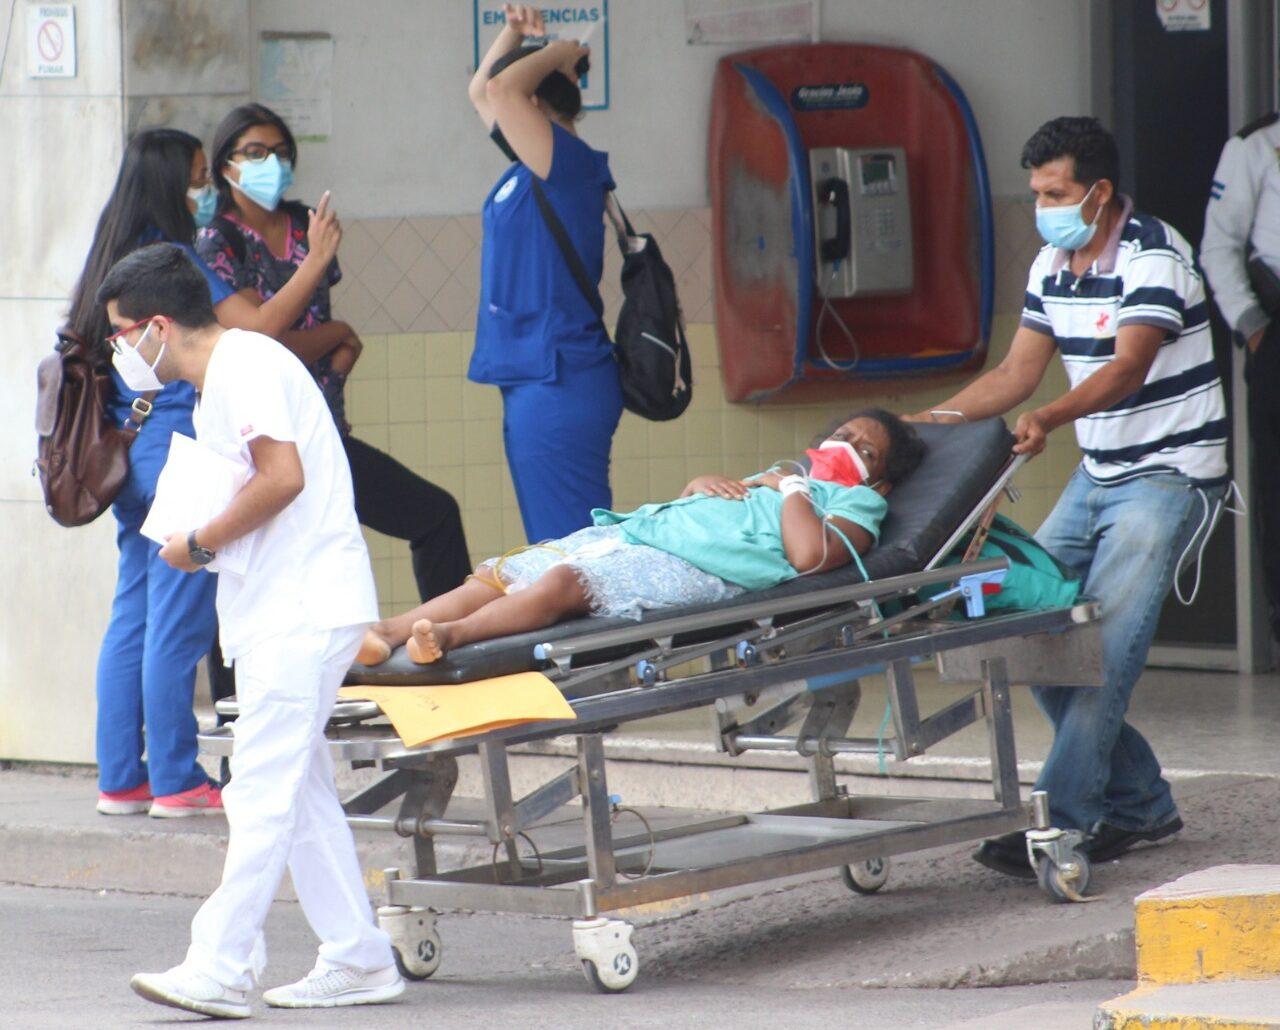 Sinager reporta 1,687 nuevos contagios y 52 muertes más por COVID